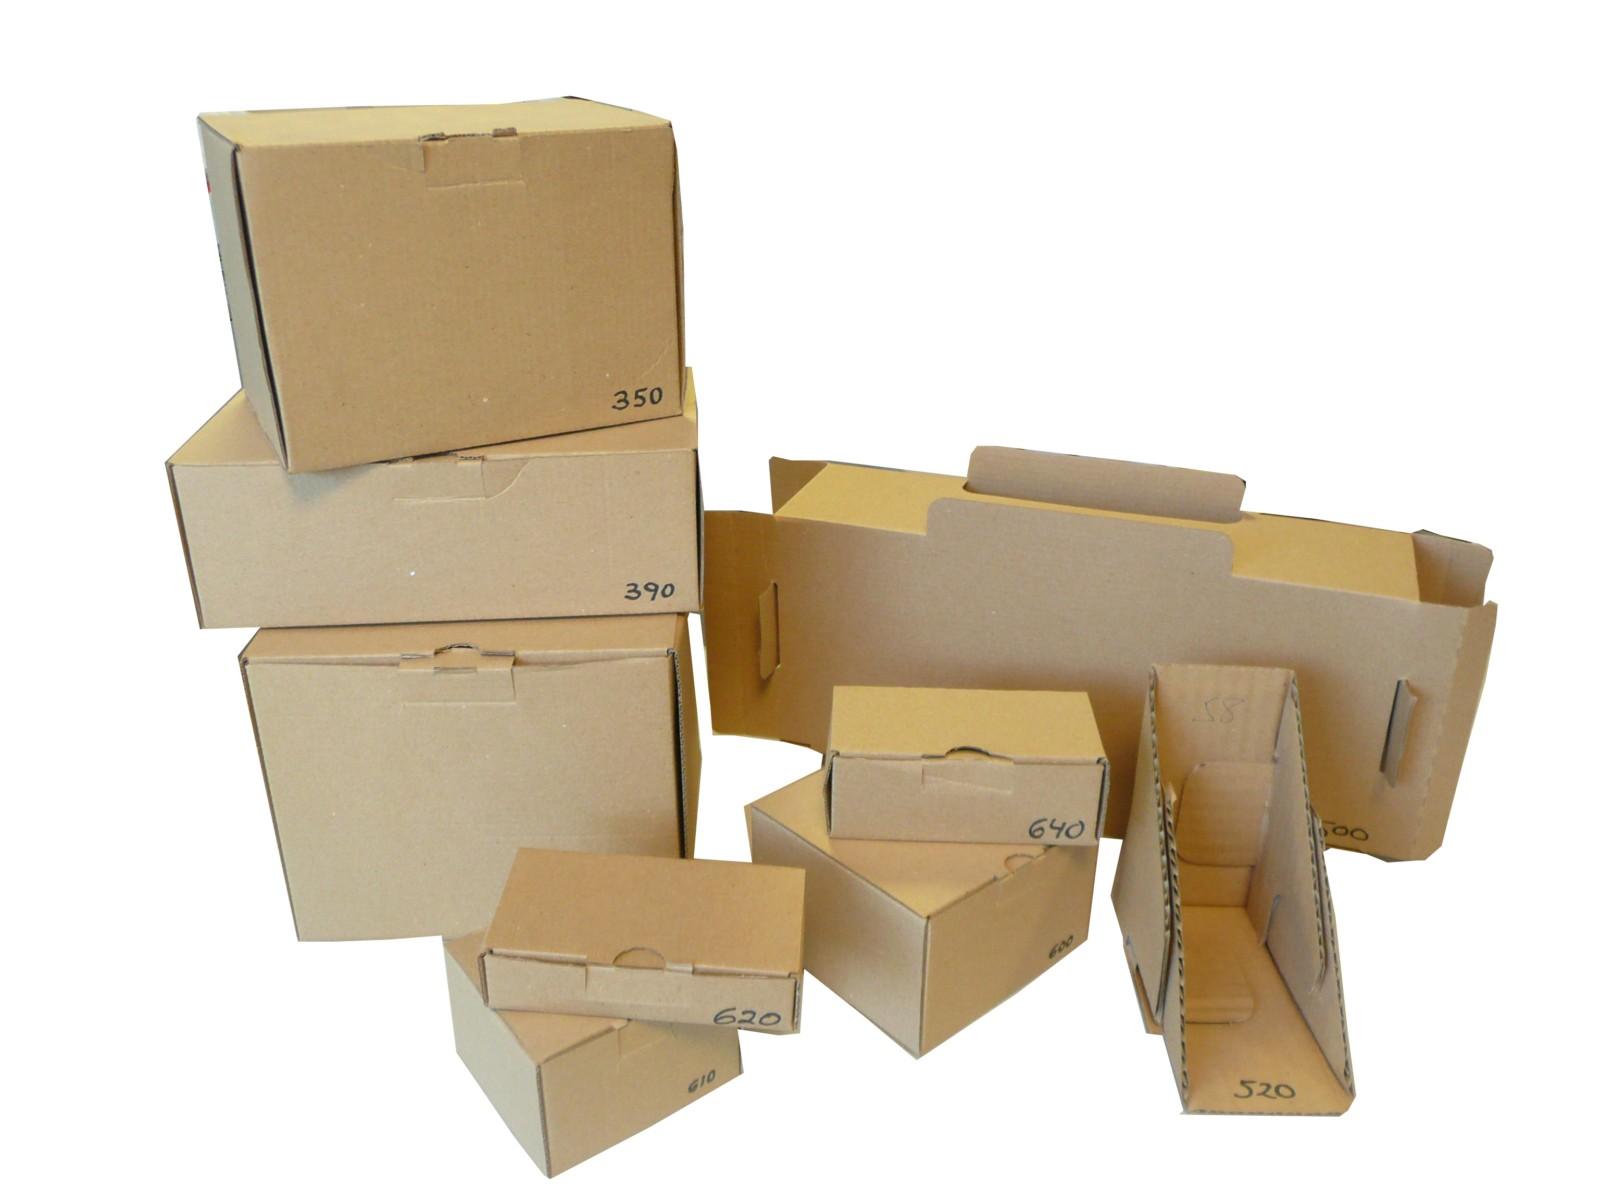 Cajas troqueladas de cart n automontables gosuma for Cajas carton embalaje